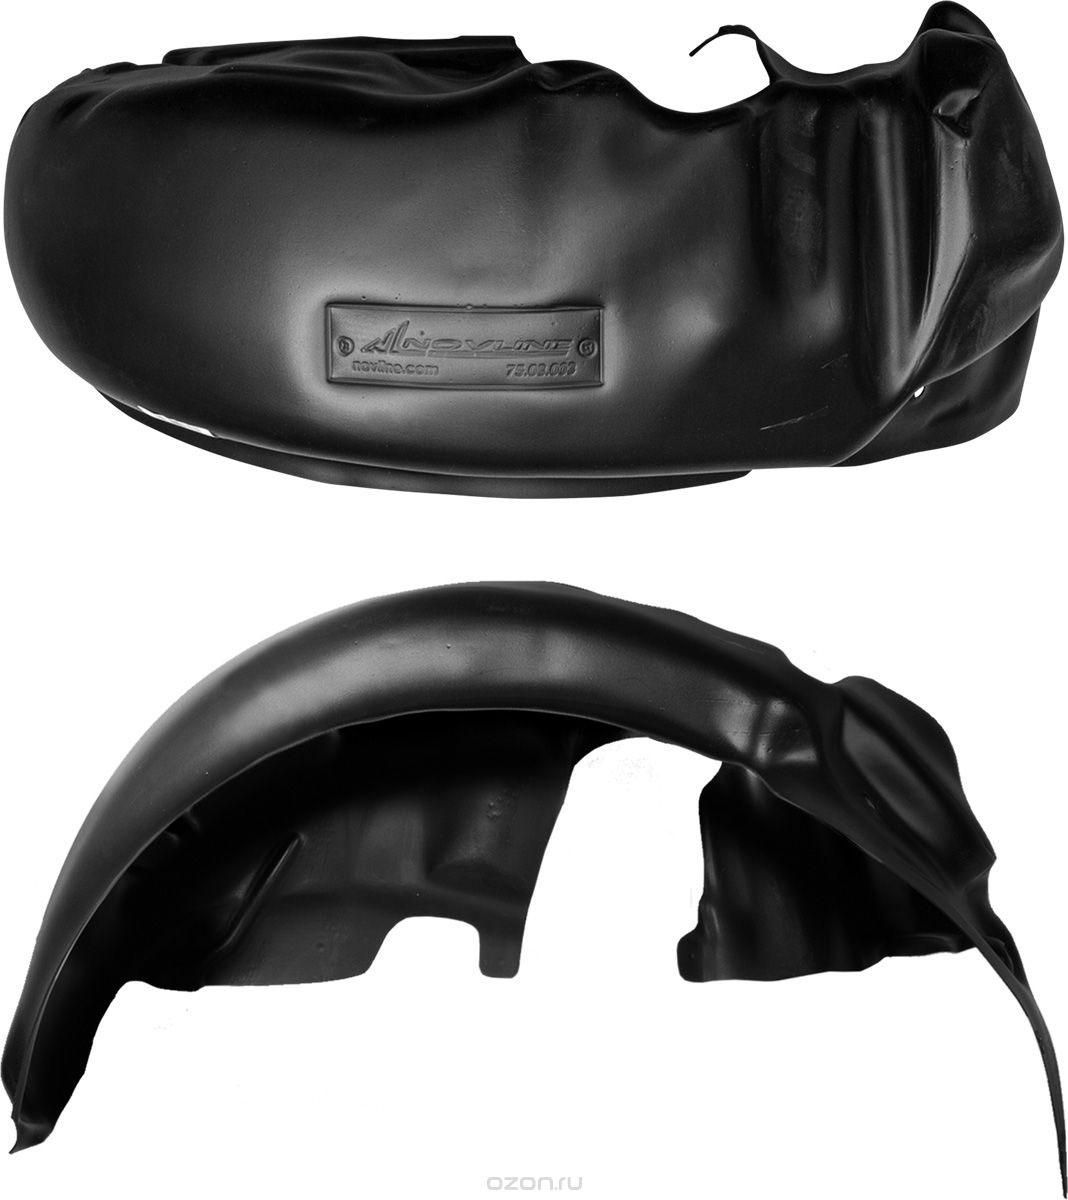 Подкрылок Novline-Autofamily, для Toyota Corolla, 2013->, передний левыйNLL.48.57.001Идеальная защита колесной ниши. Локеры разработаны с применением цифровых технологий, гарантируют максимальную повторяемость поверхности арки. Изделия устанавливаются без нарушения лакокрасочного покрытия автомобиля, каждый подкрылок комплектуется крепежом. Уважаемые клиенты, обращаем ваше внимание, что фотографии на подкрылки универсальные и не отражают реальную форму изделия. При этом само изделие идет точно под размер указанного автомобиля.